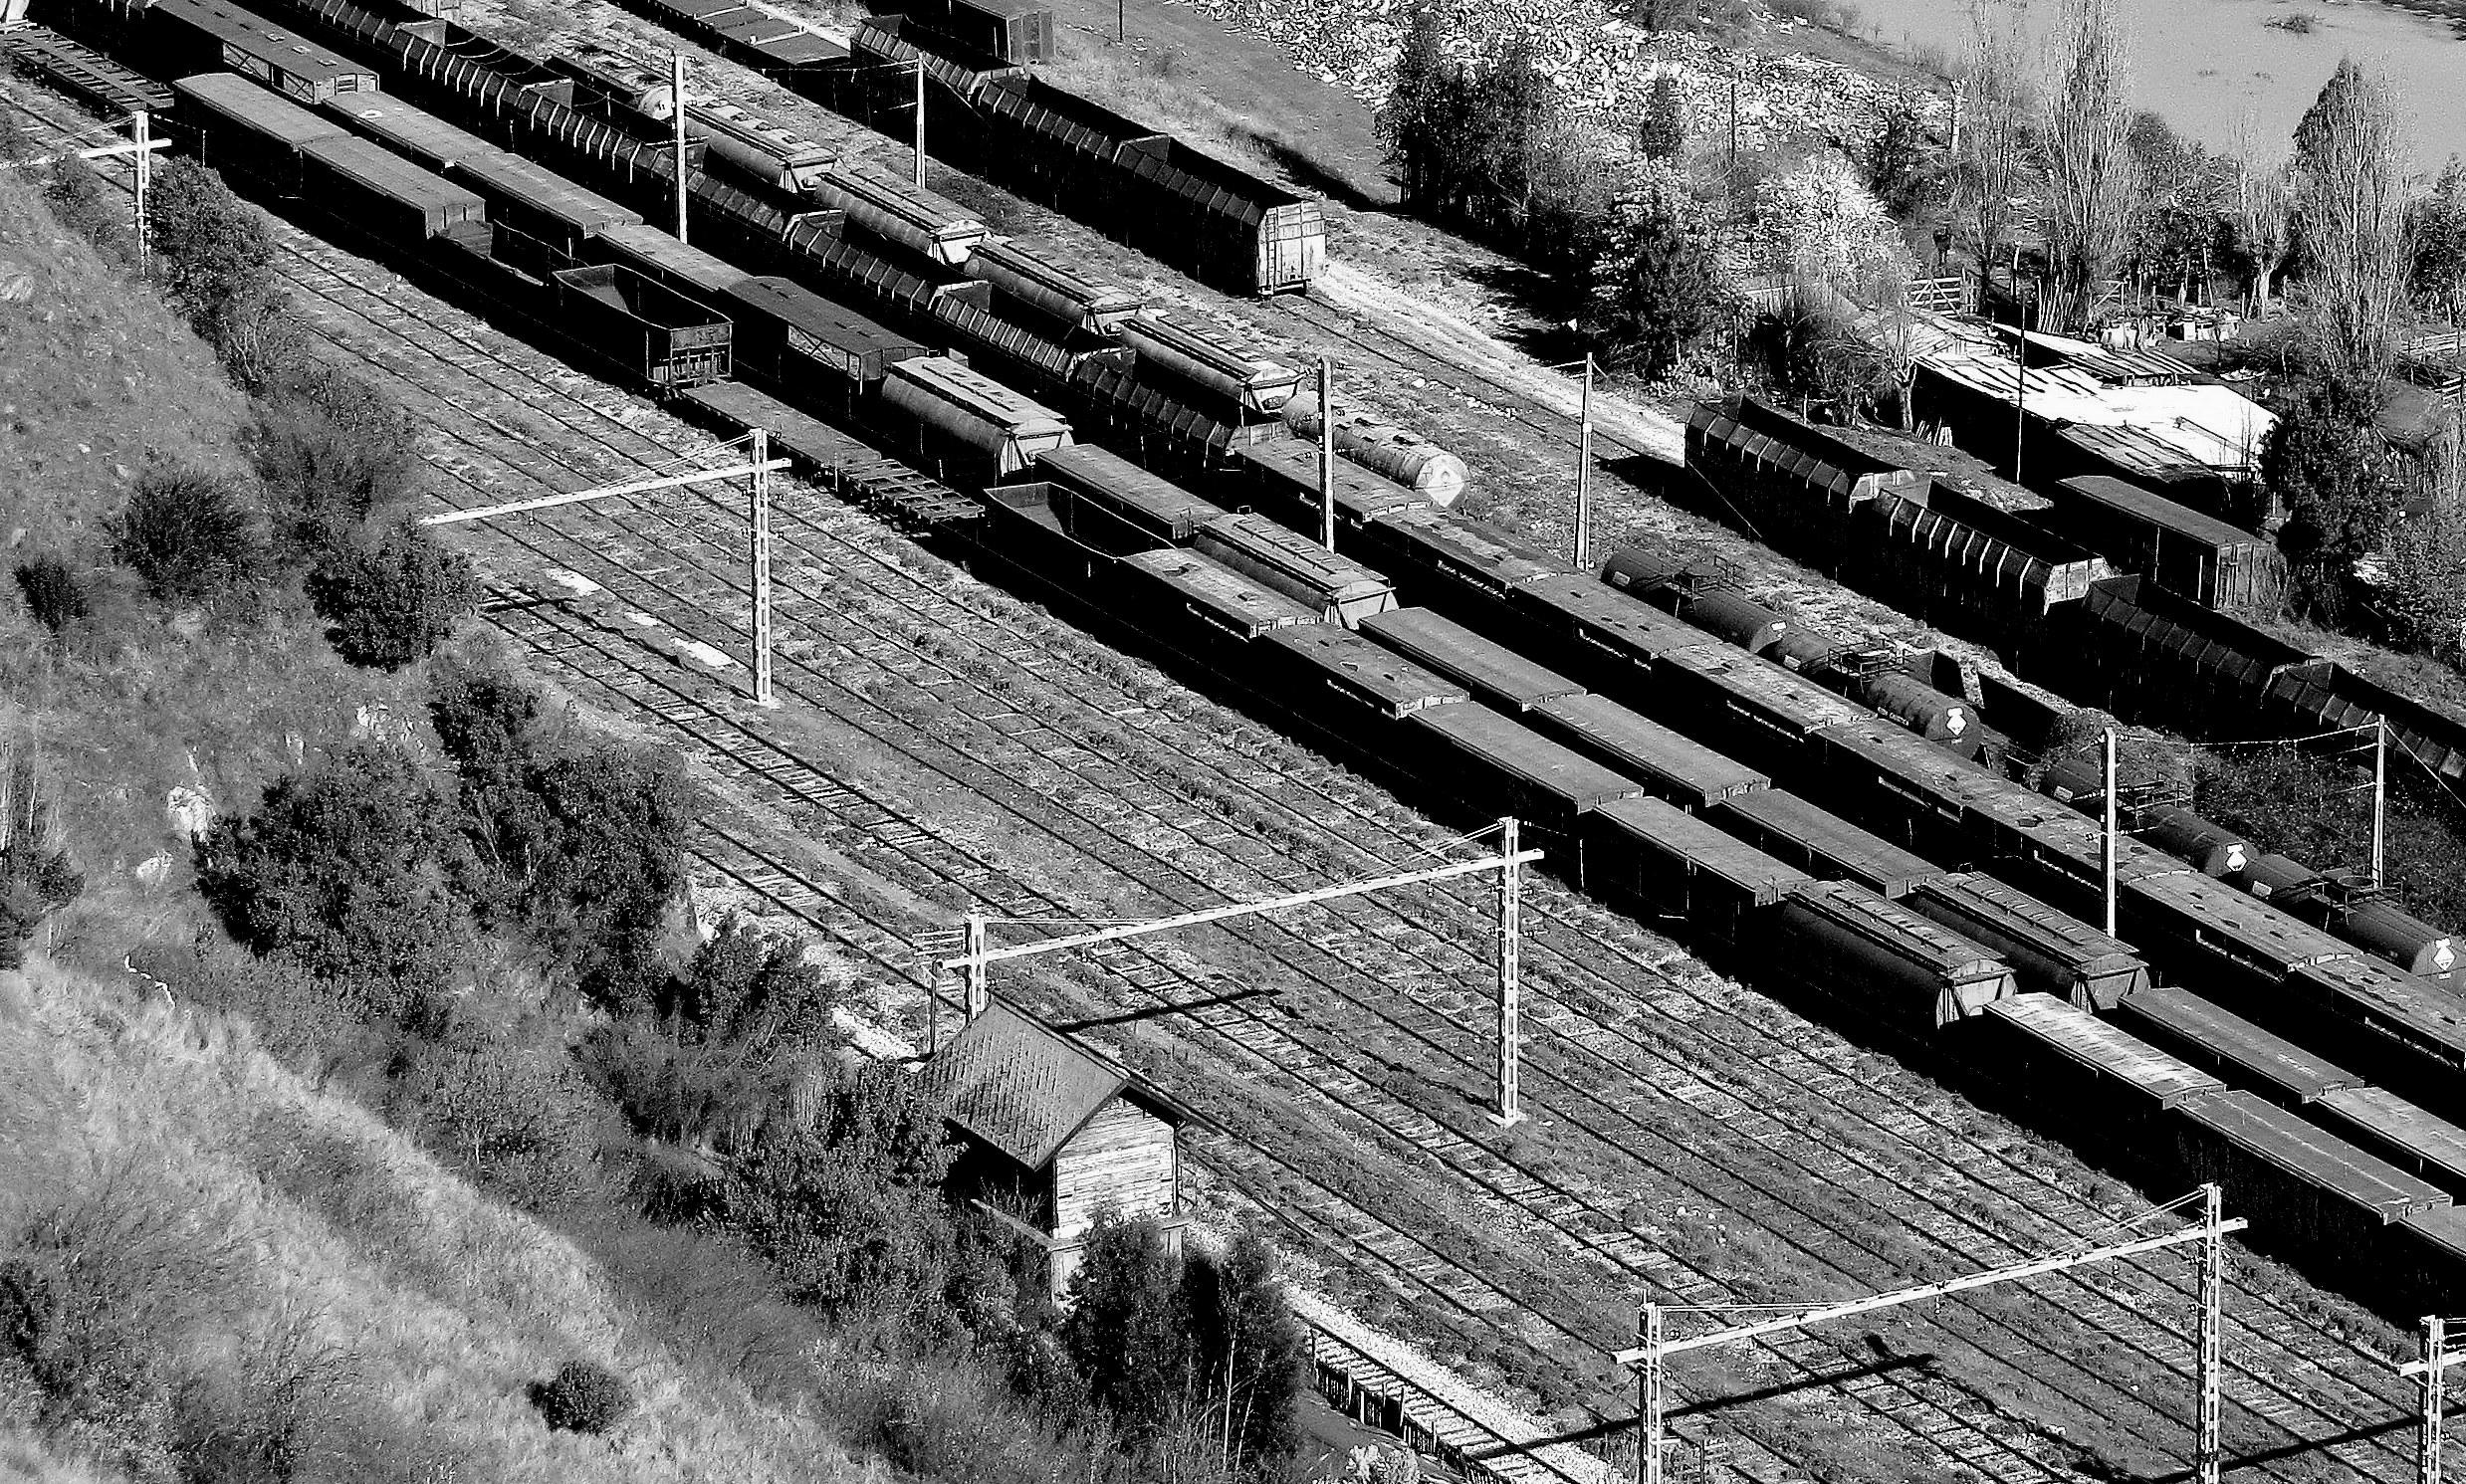 Estacion de trenes. by cbr750